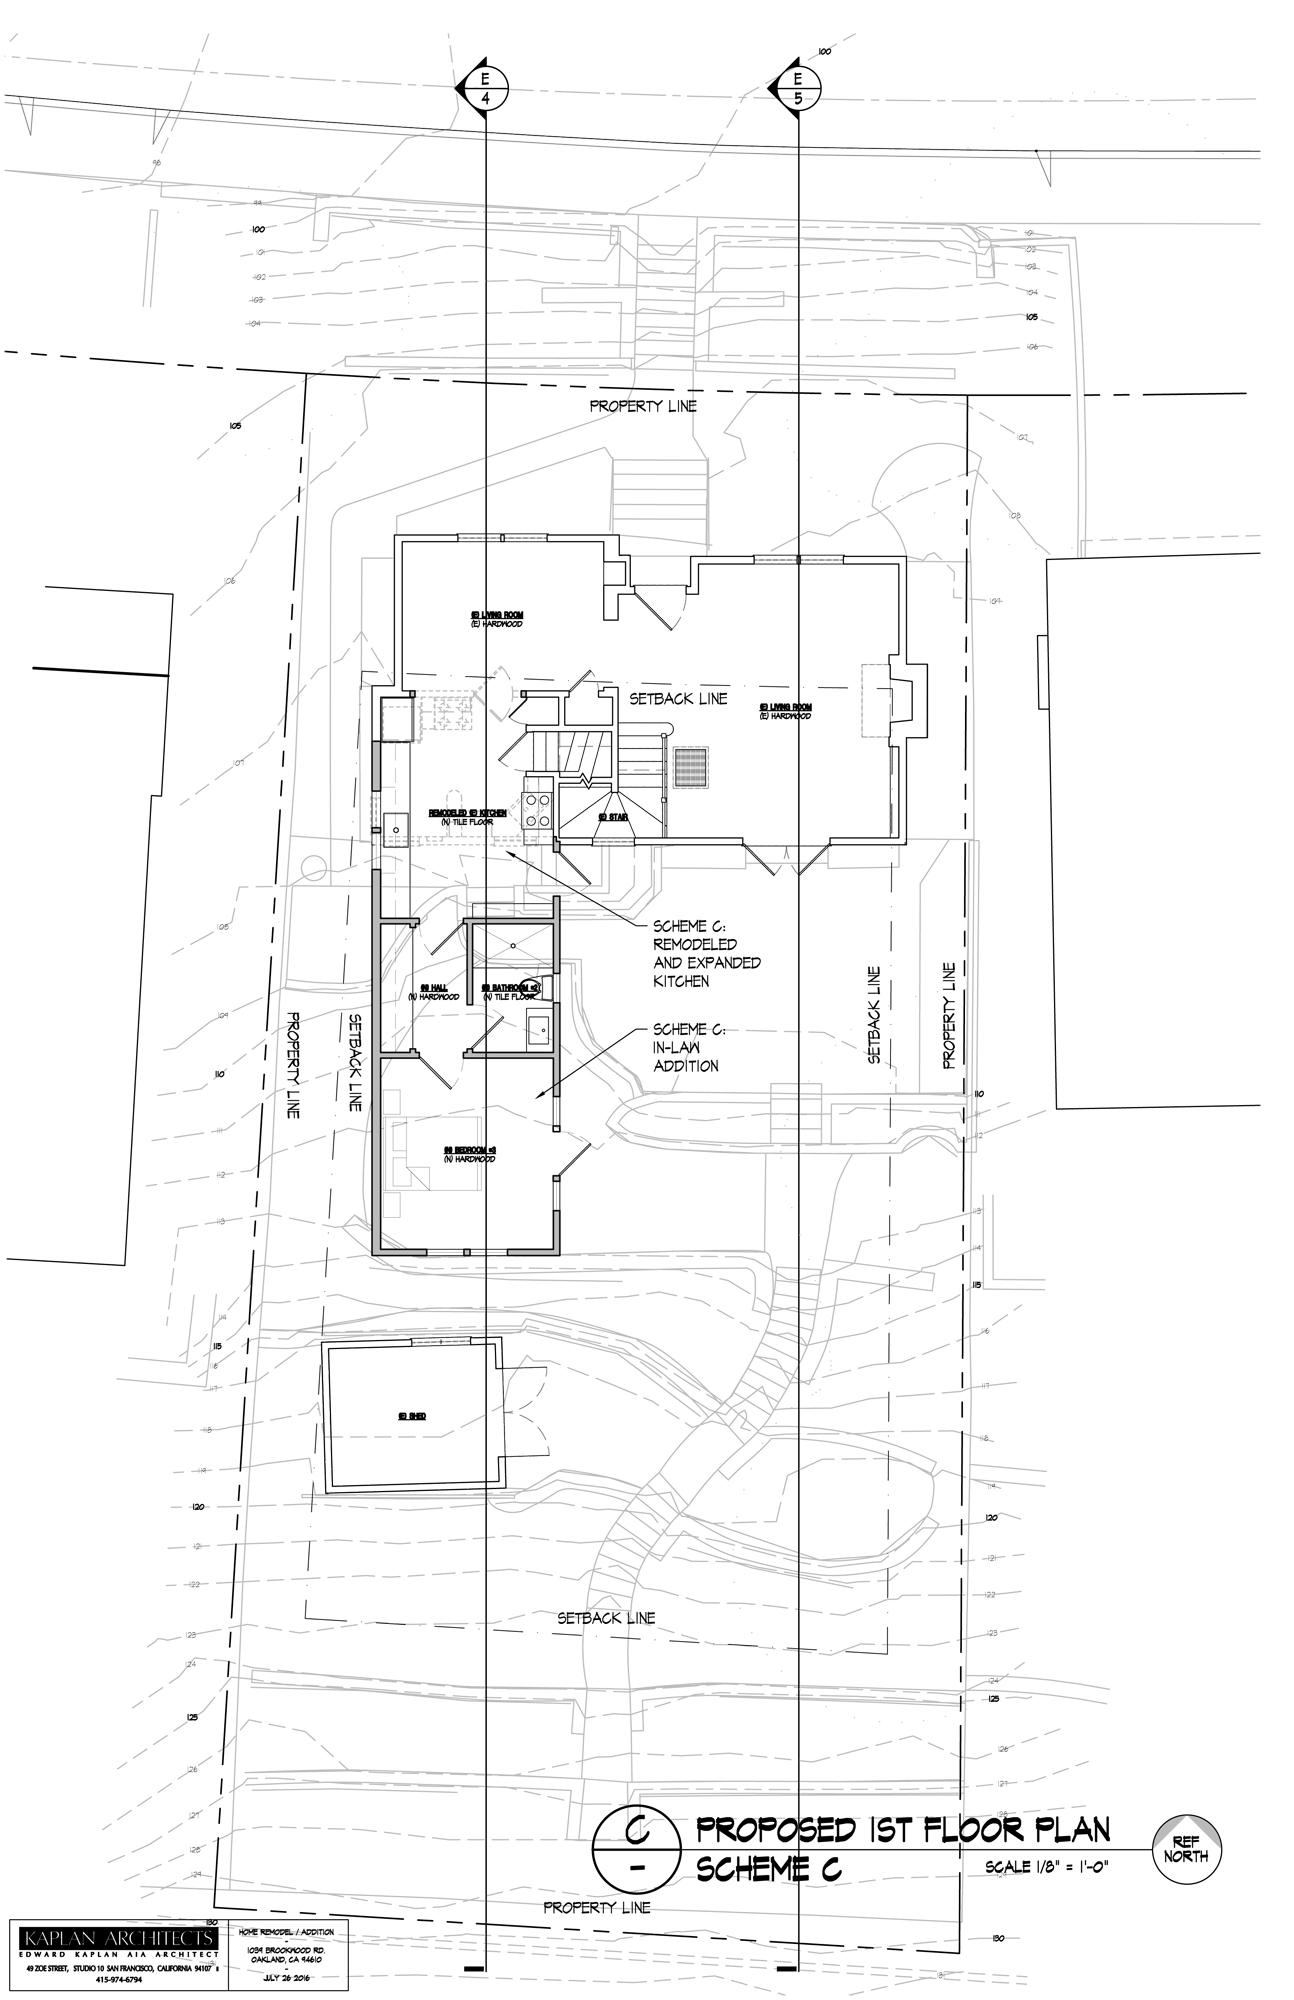 Master-Plan-Scheme-C.jpg